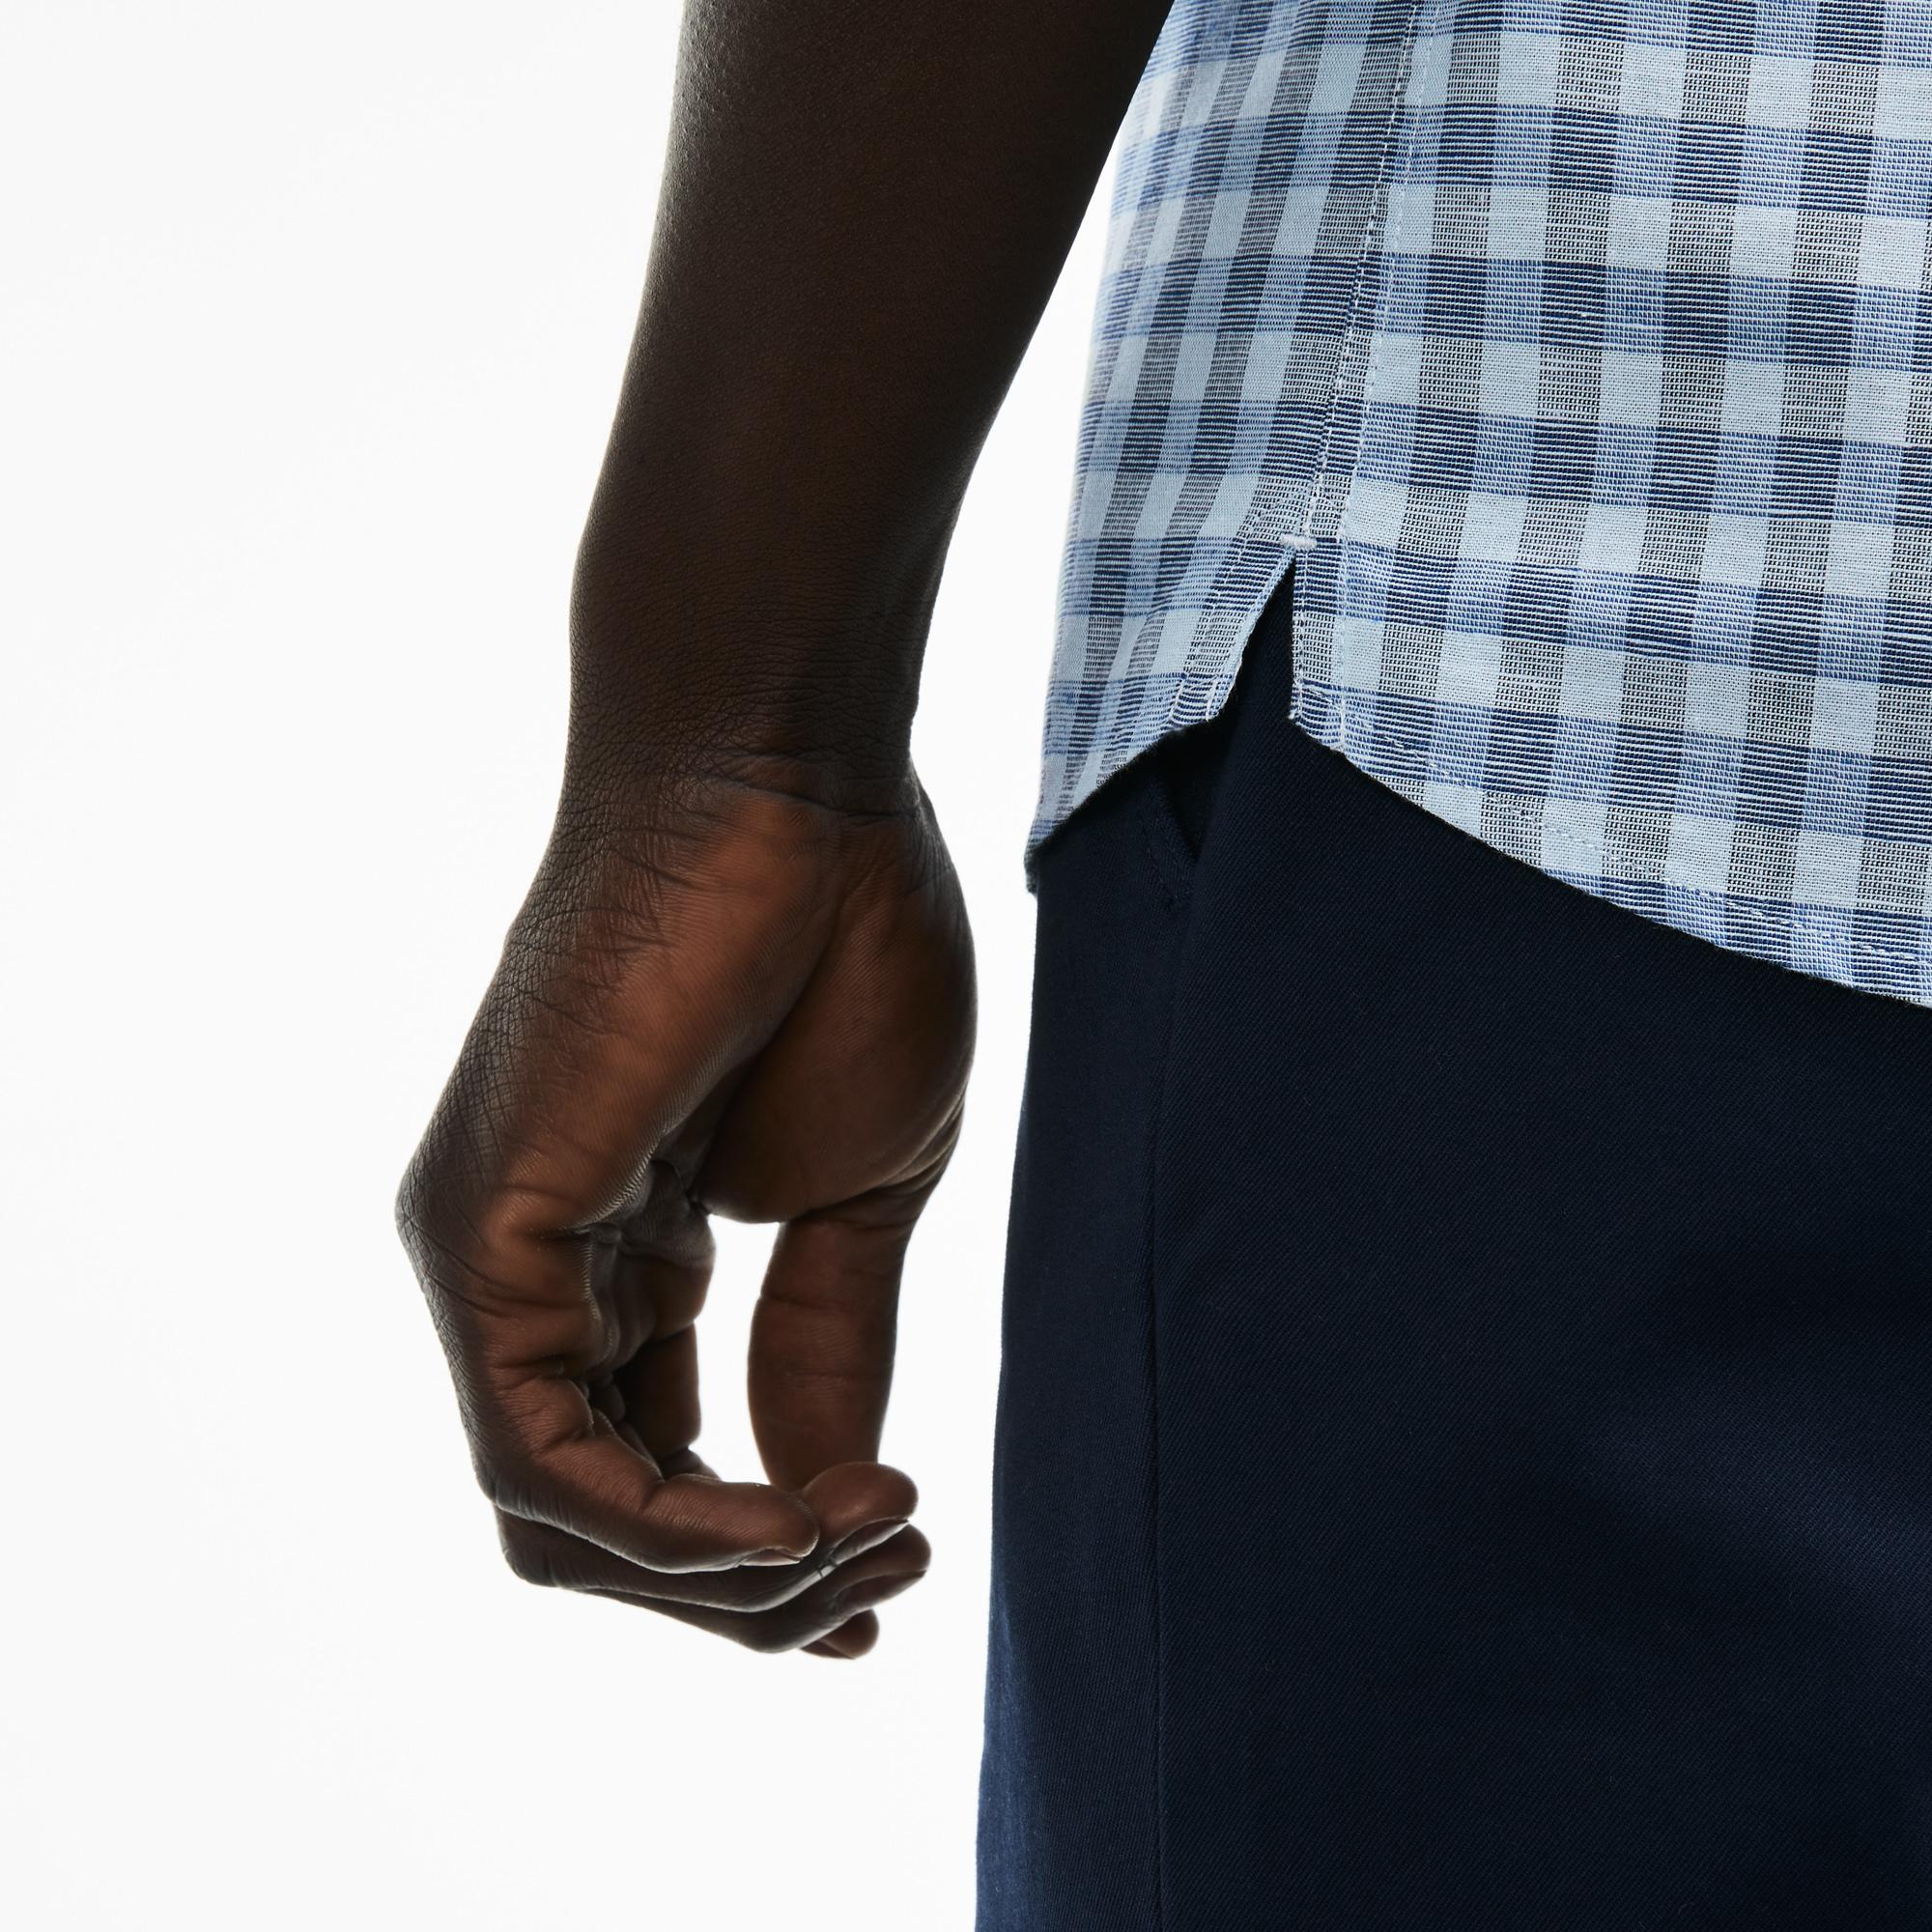 Фото 4 - Рубашку Lacoste Regular fit голубого цвета